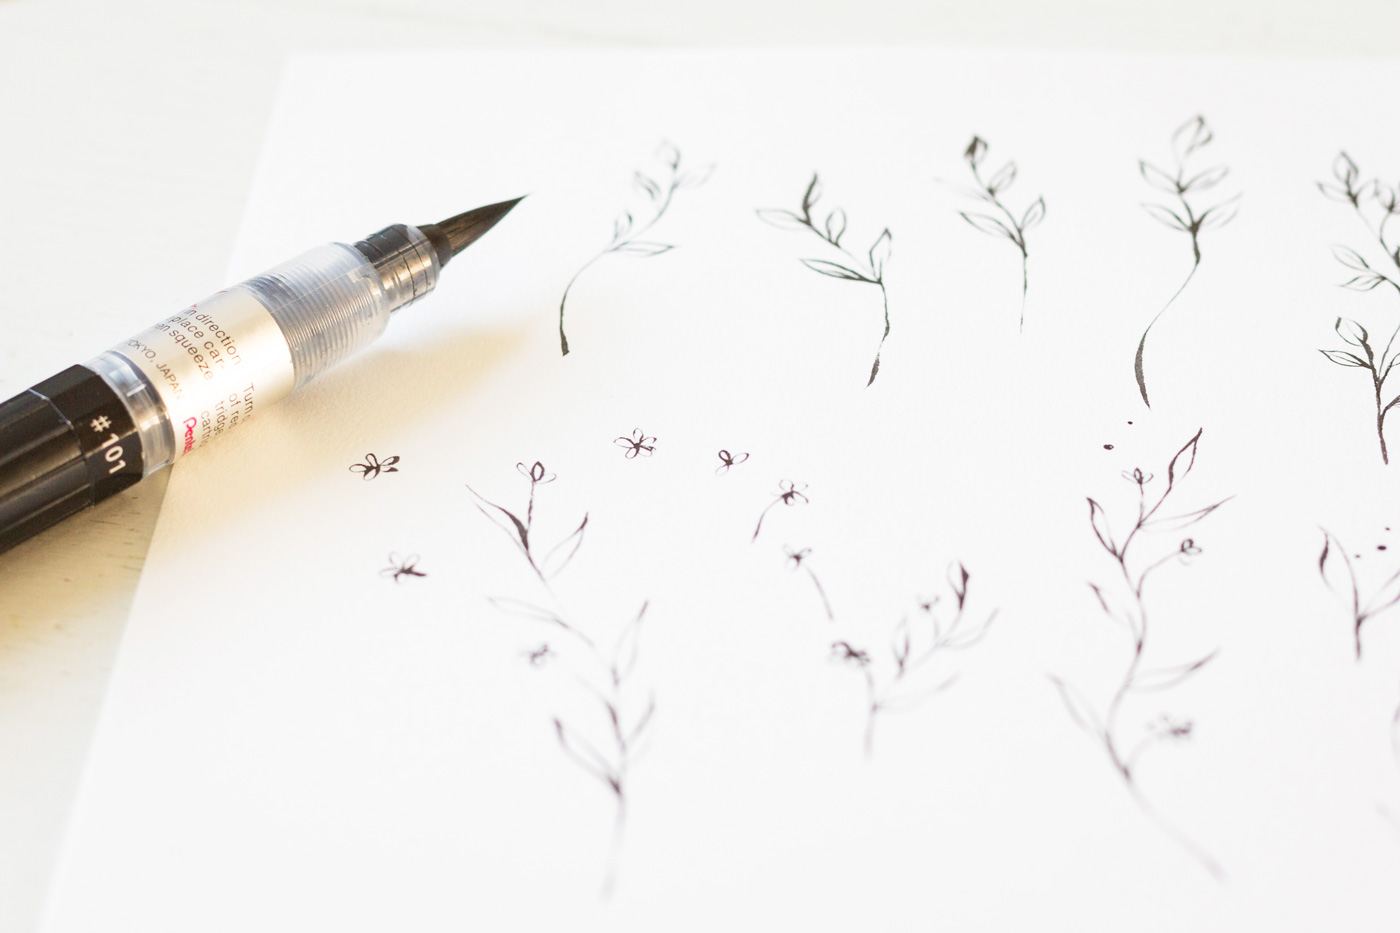 Inkt illustratie bloemen